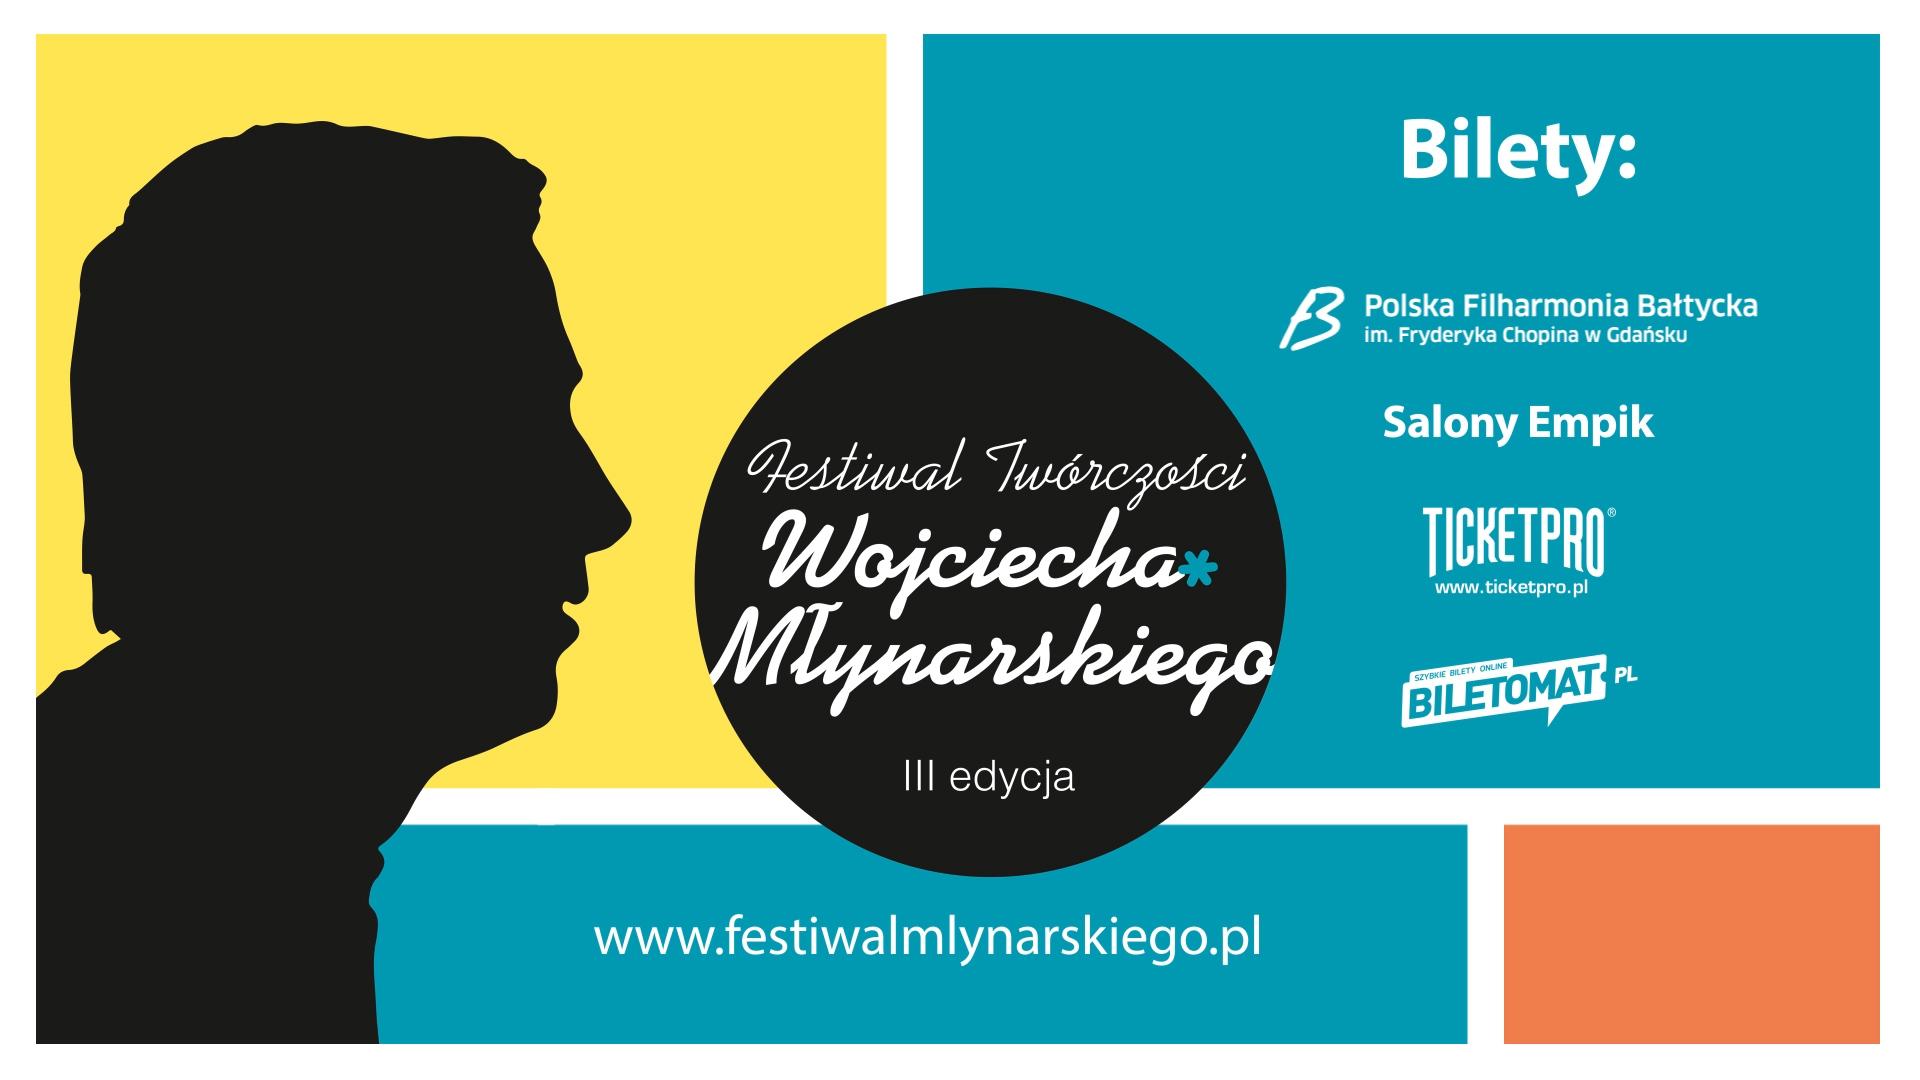 grafika billboard festiwal twórczości Wojciecha Młynarskiego